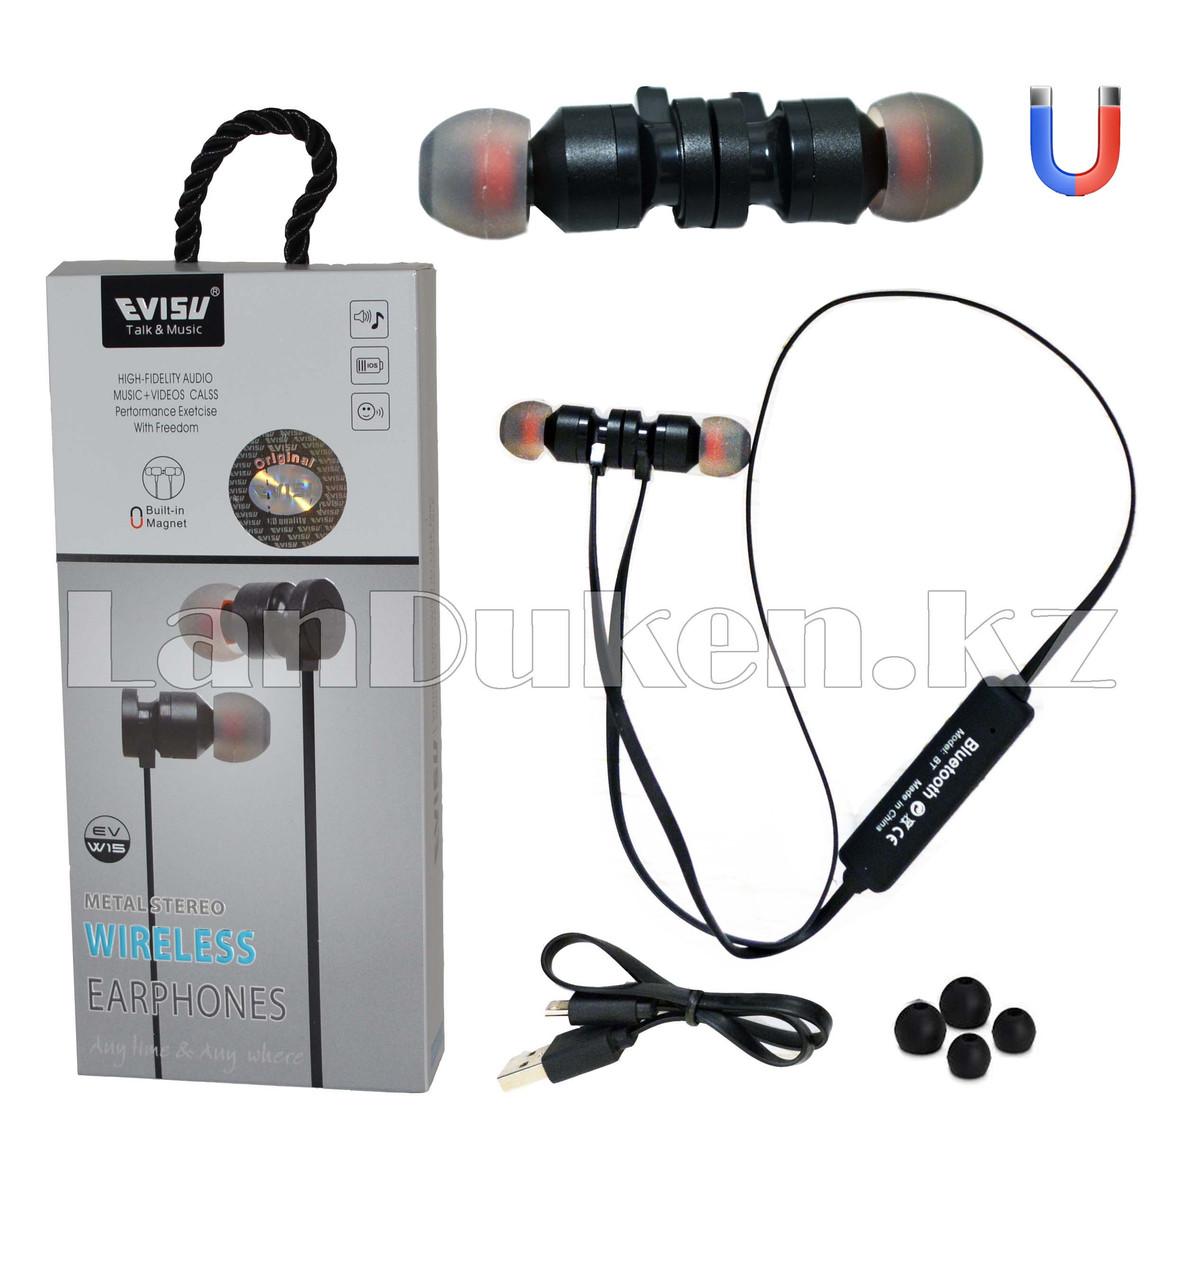 Спортивные Блютуз наушники Evisu W15 sports wireless earphones c магнитным креплением черные - фото 1